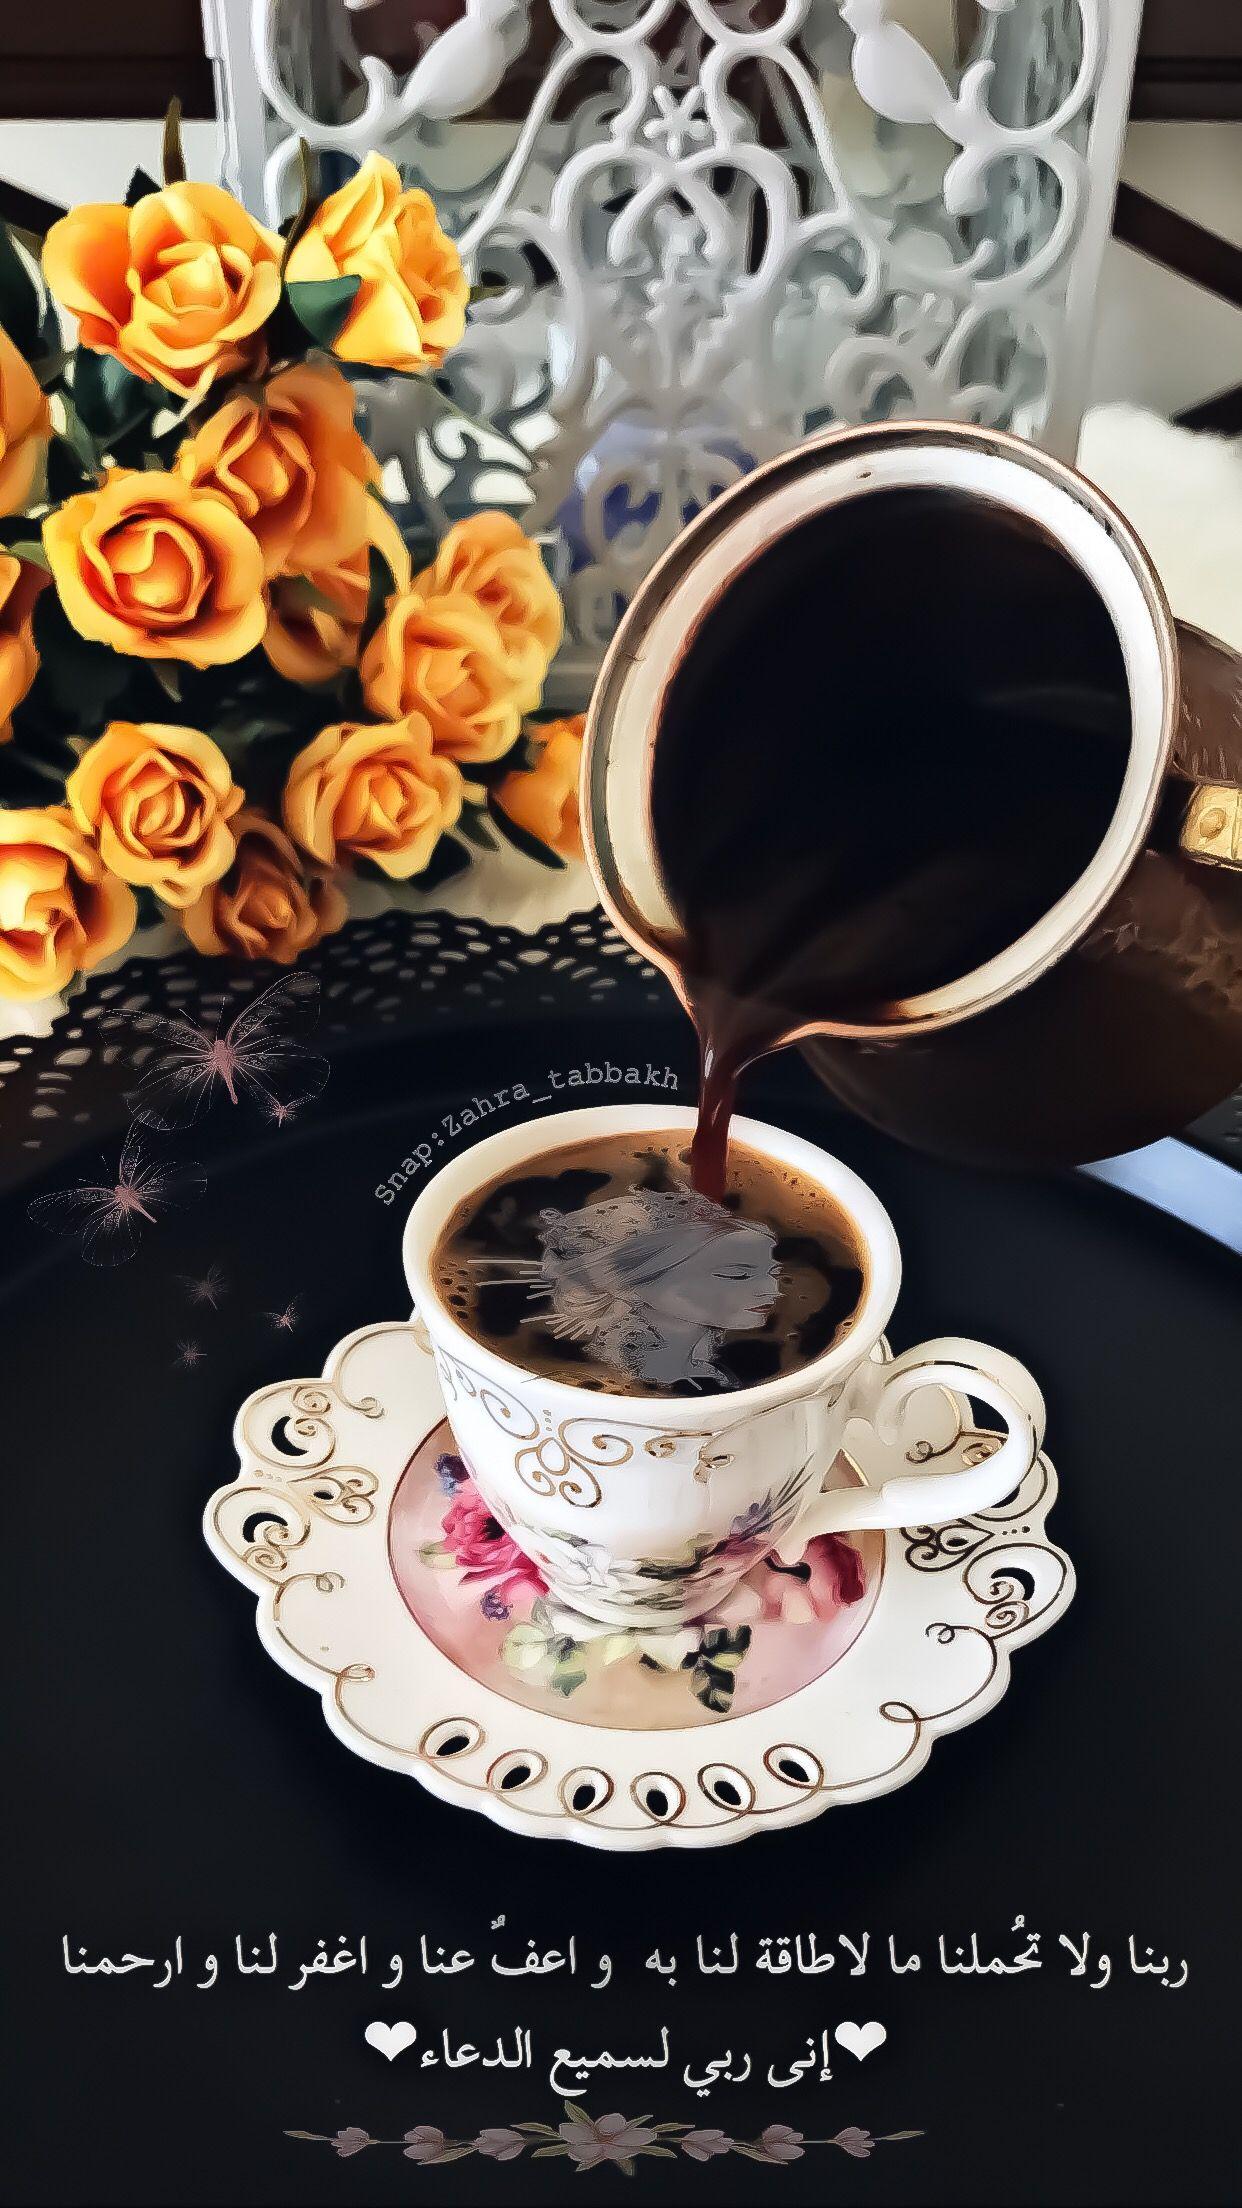 قهوتي قهوة صباحالخير صباحالورد سنابات اقتباسات بيسيات دعاء جمعةمباركة جمعة صباحات صباح سنابي سناب صور Coffee Flower Coffee Love Coffee Lover